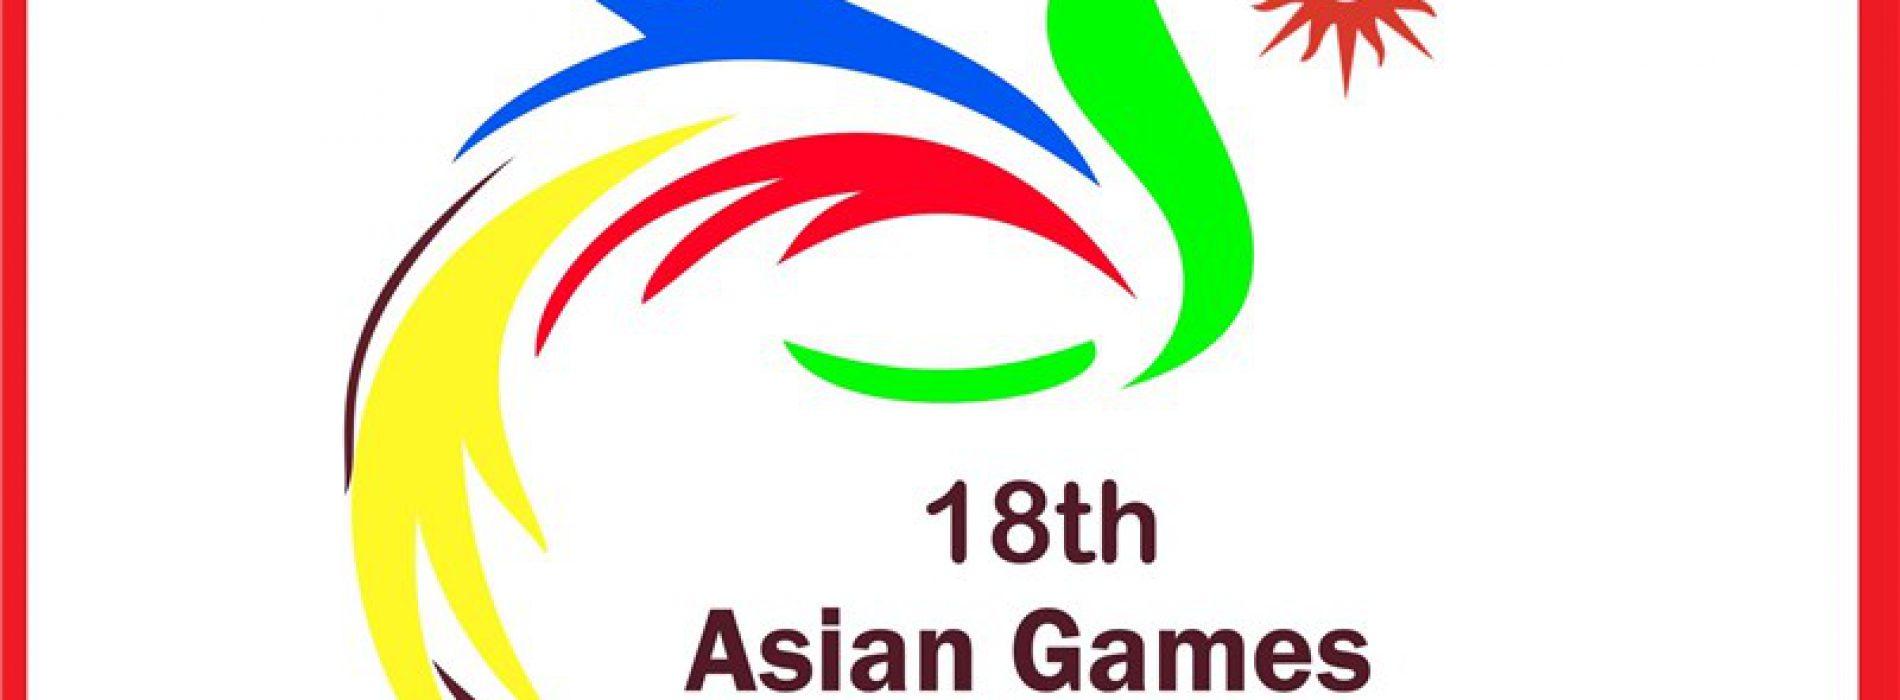 نتایج سنگ نوردان ایران در بازی های آسیایی اندونزی ۲۰۱۸